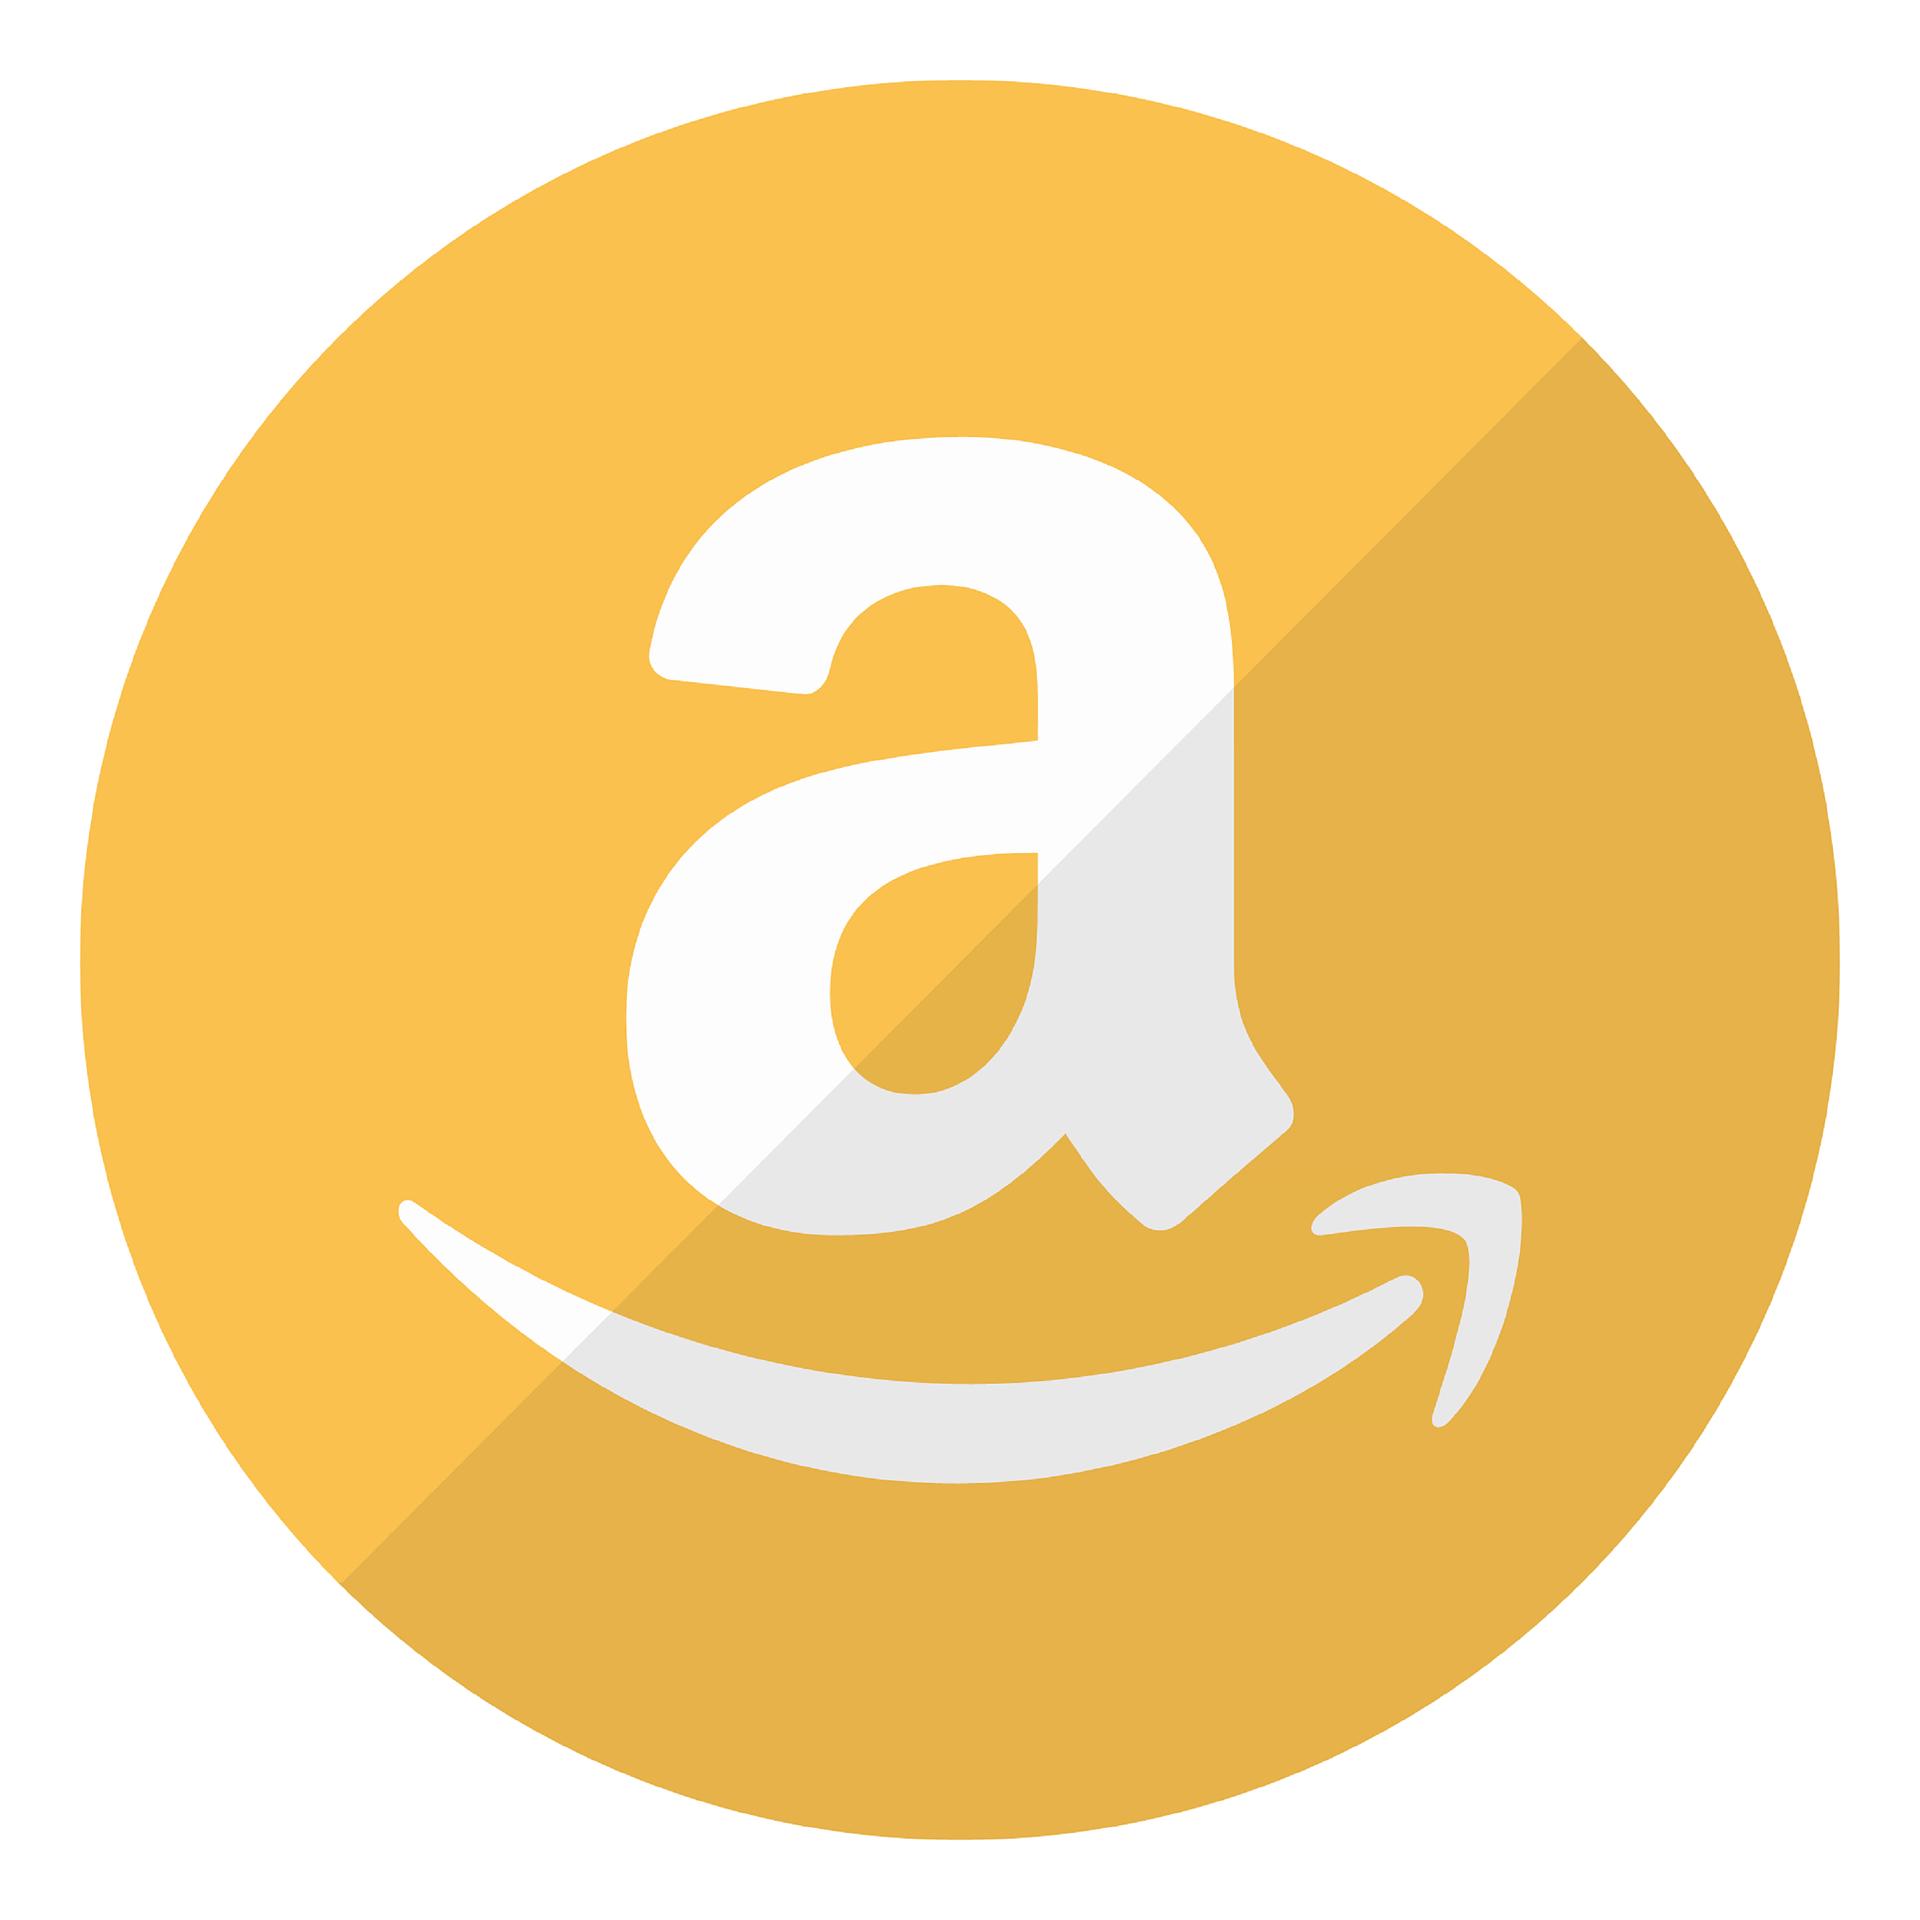 Amazon vuole vendere marijuana legale online negli States